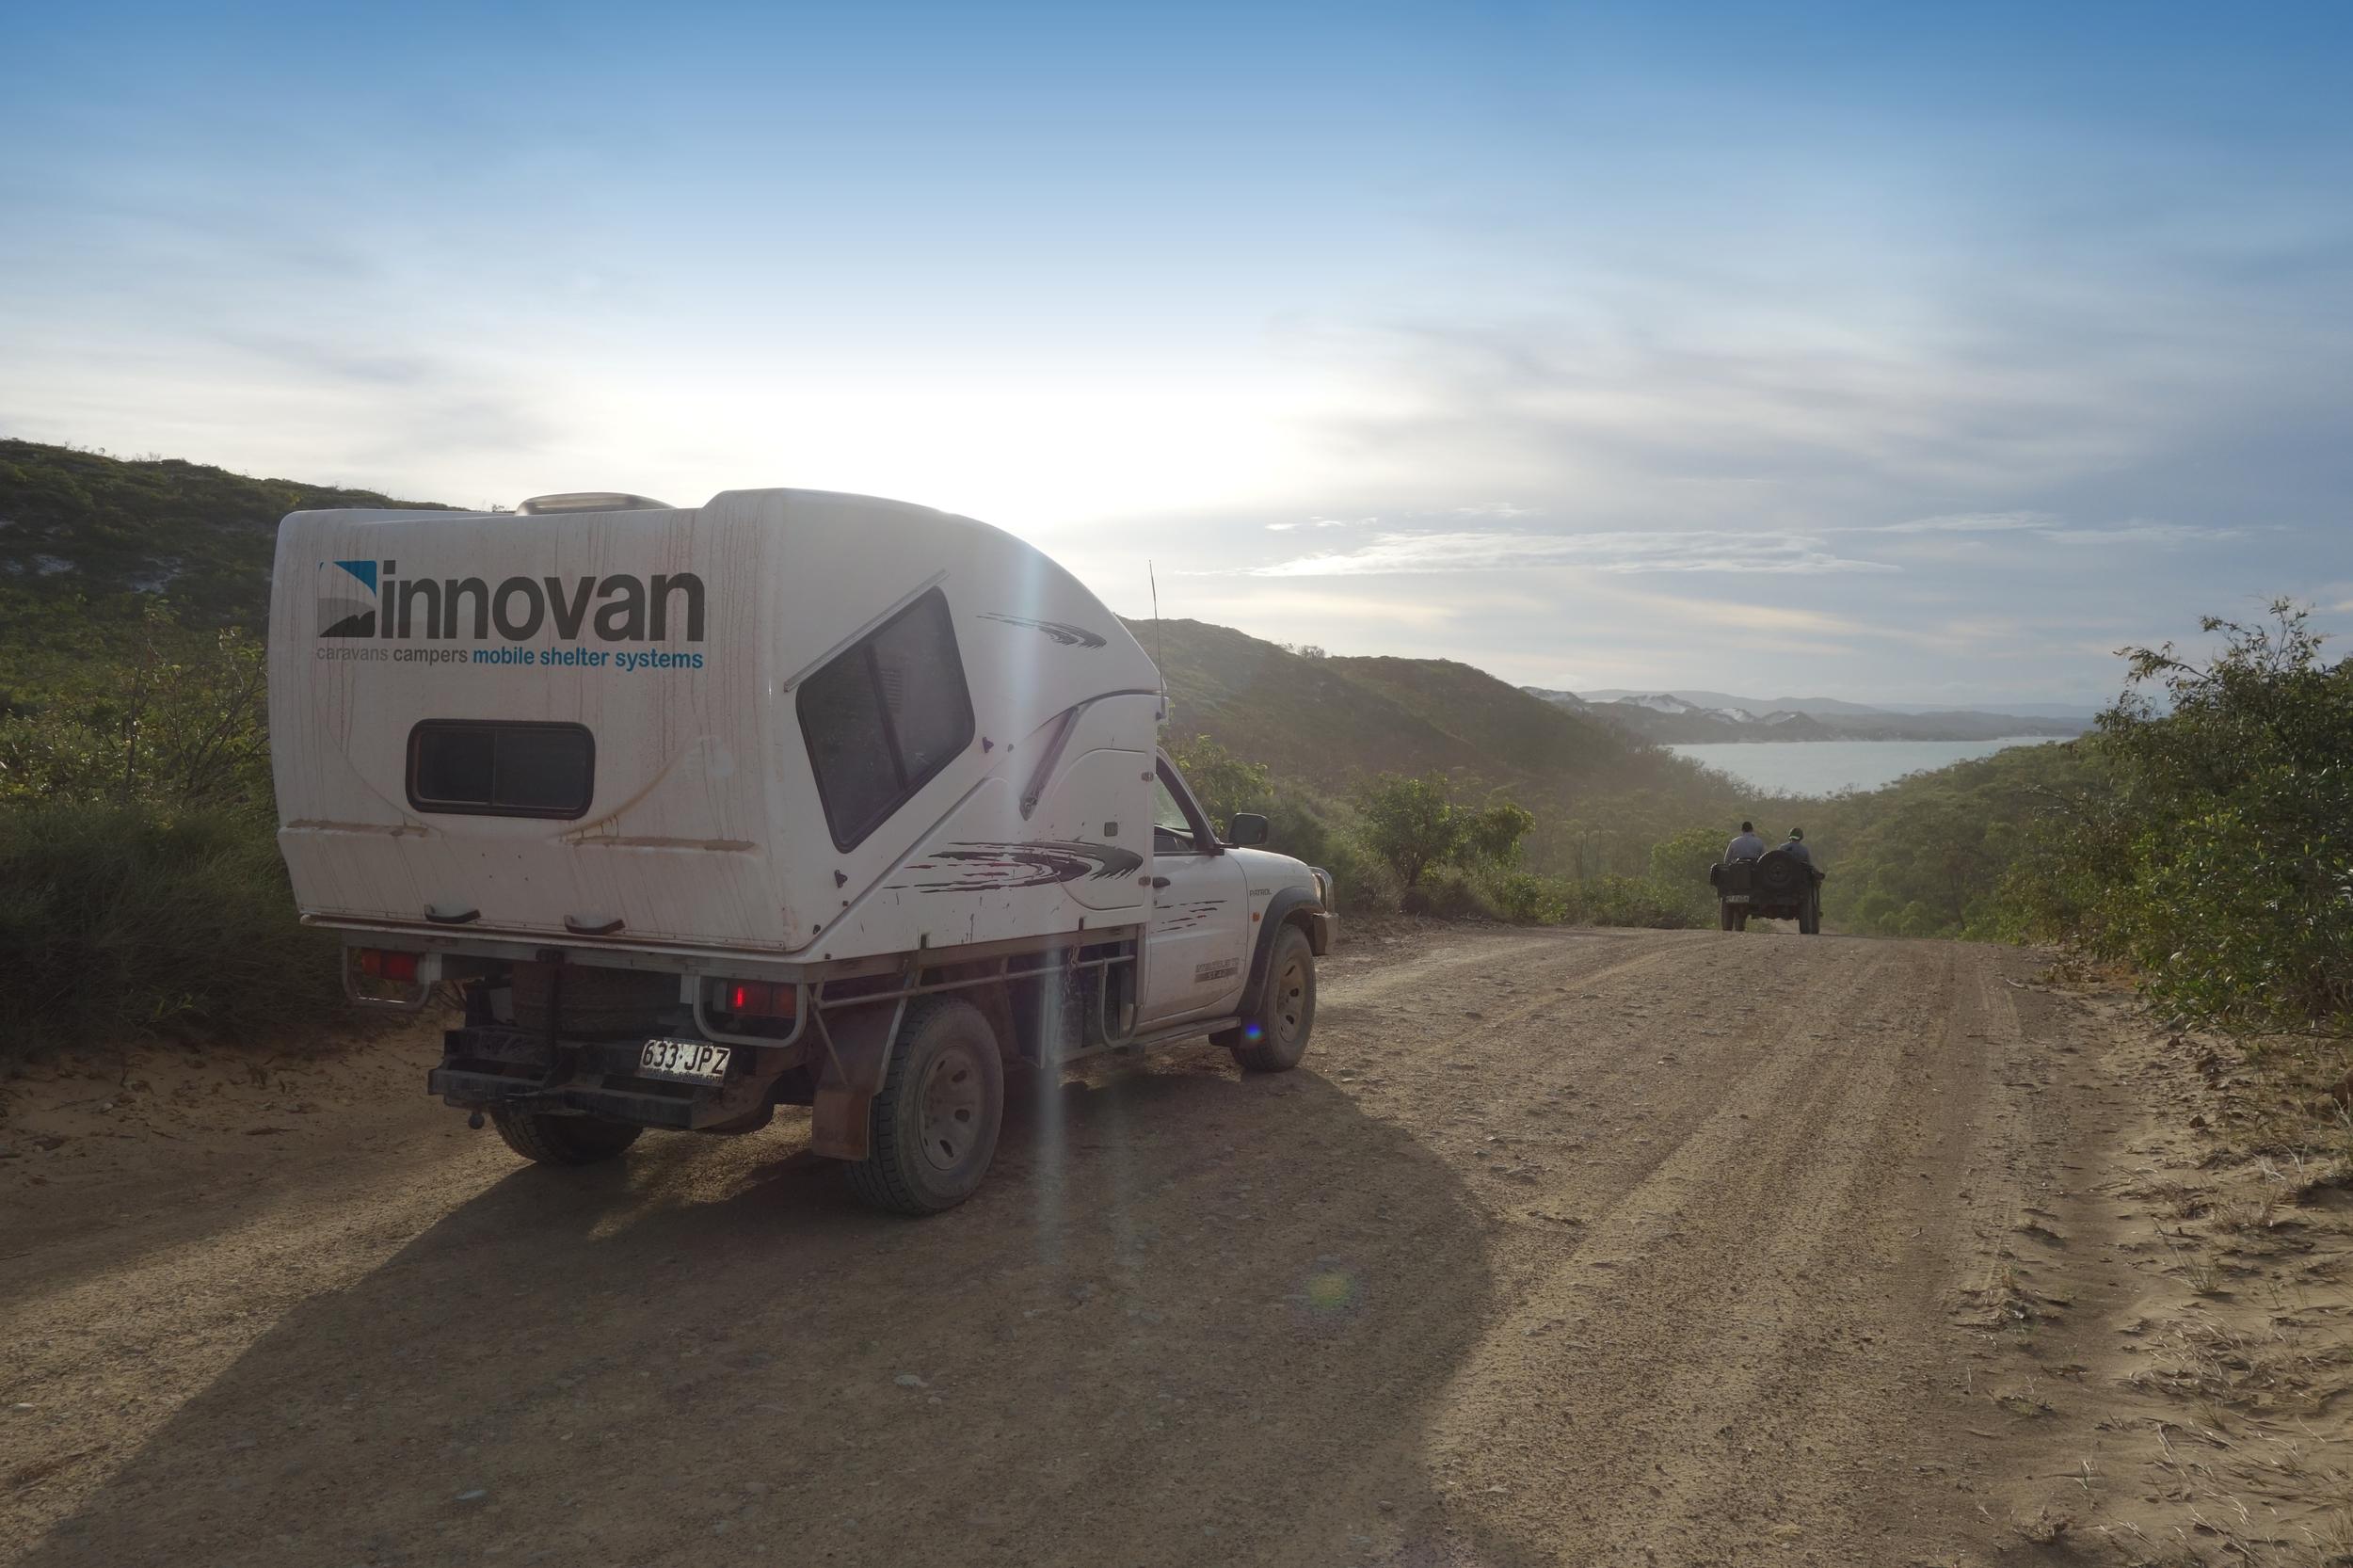 innovan off road caravans